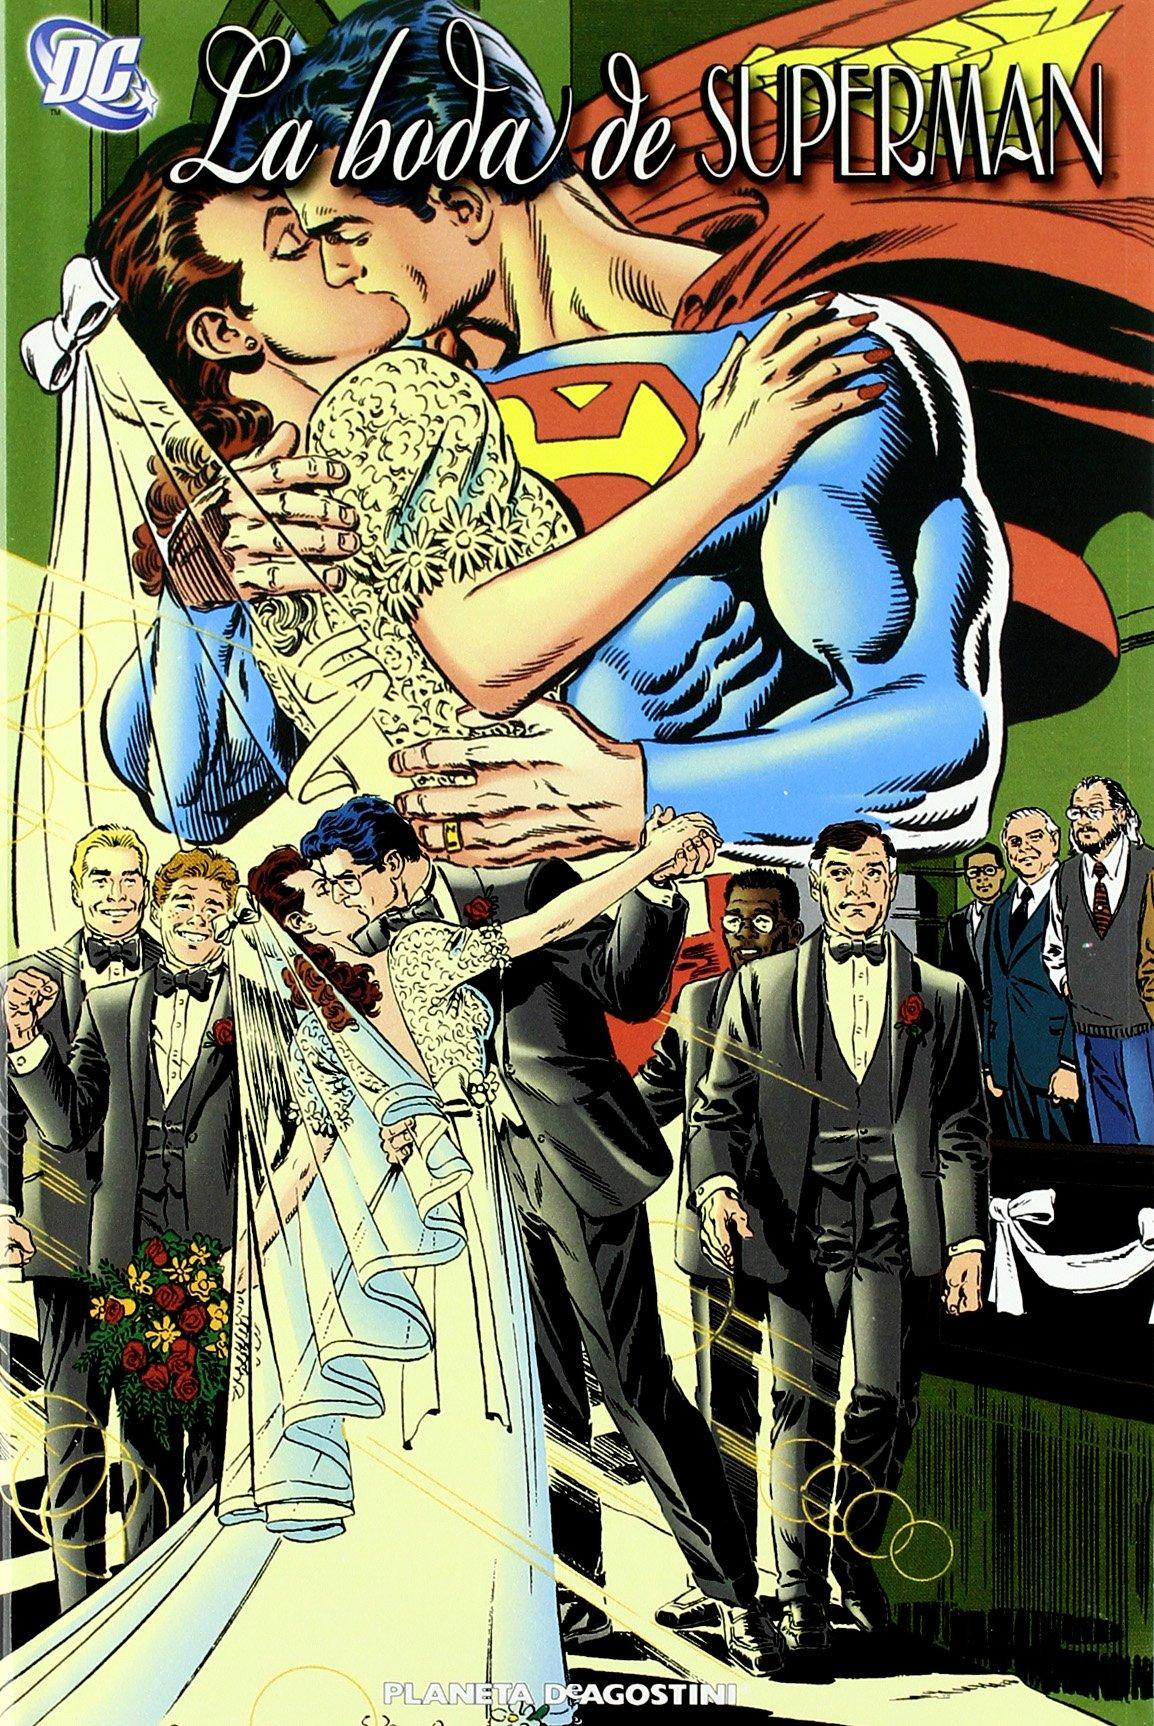 La boda de Superman: Amazon.es: Jurgens, Dan: Libros